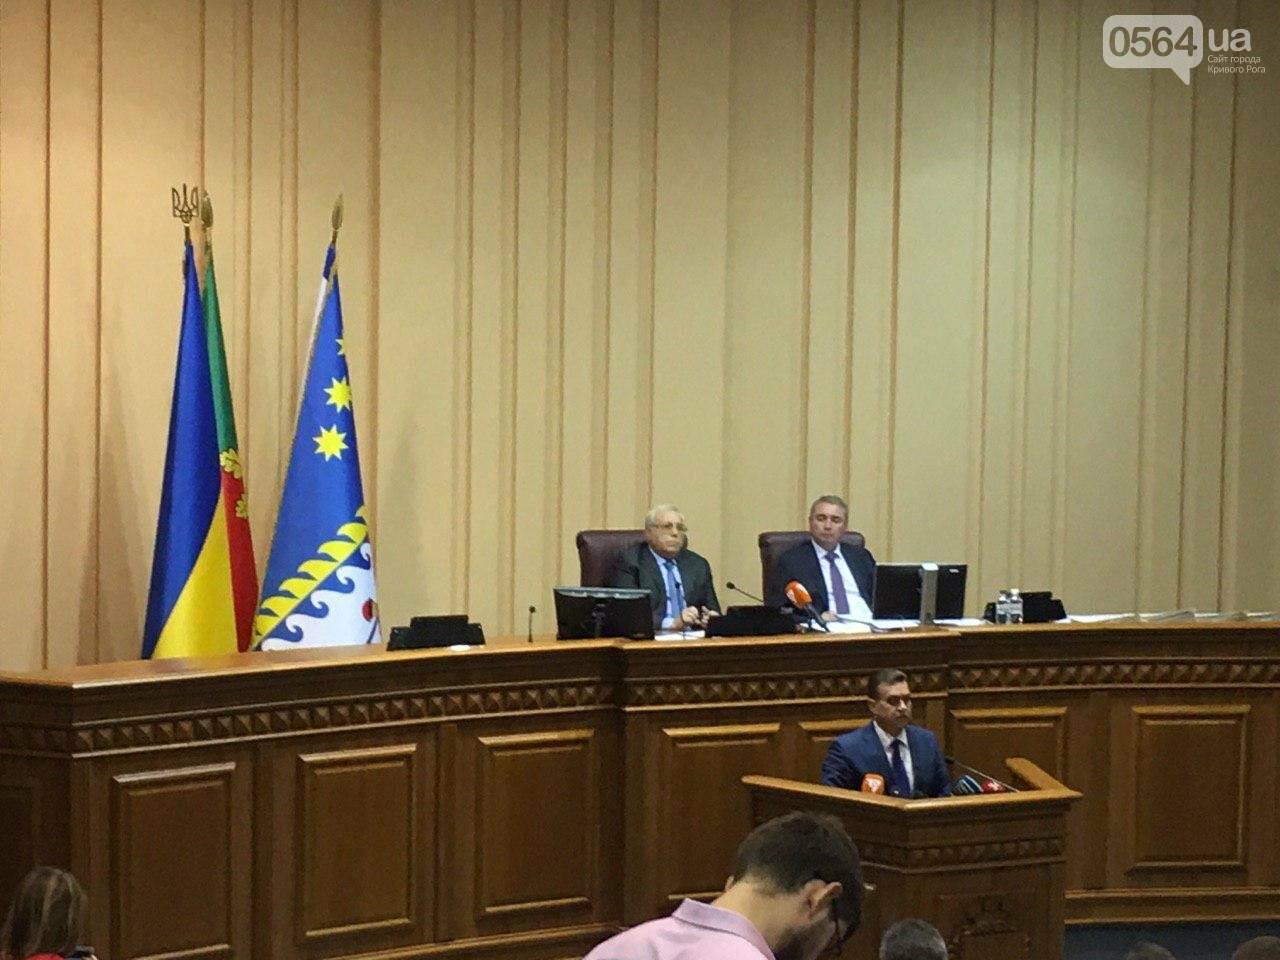 Криворожский городской совет не доверил экс-нардепу Павлову должность заместителя мэра, - ФОТО, фото-1